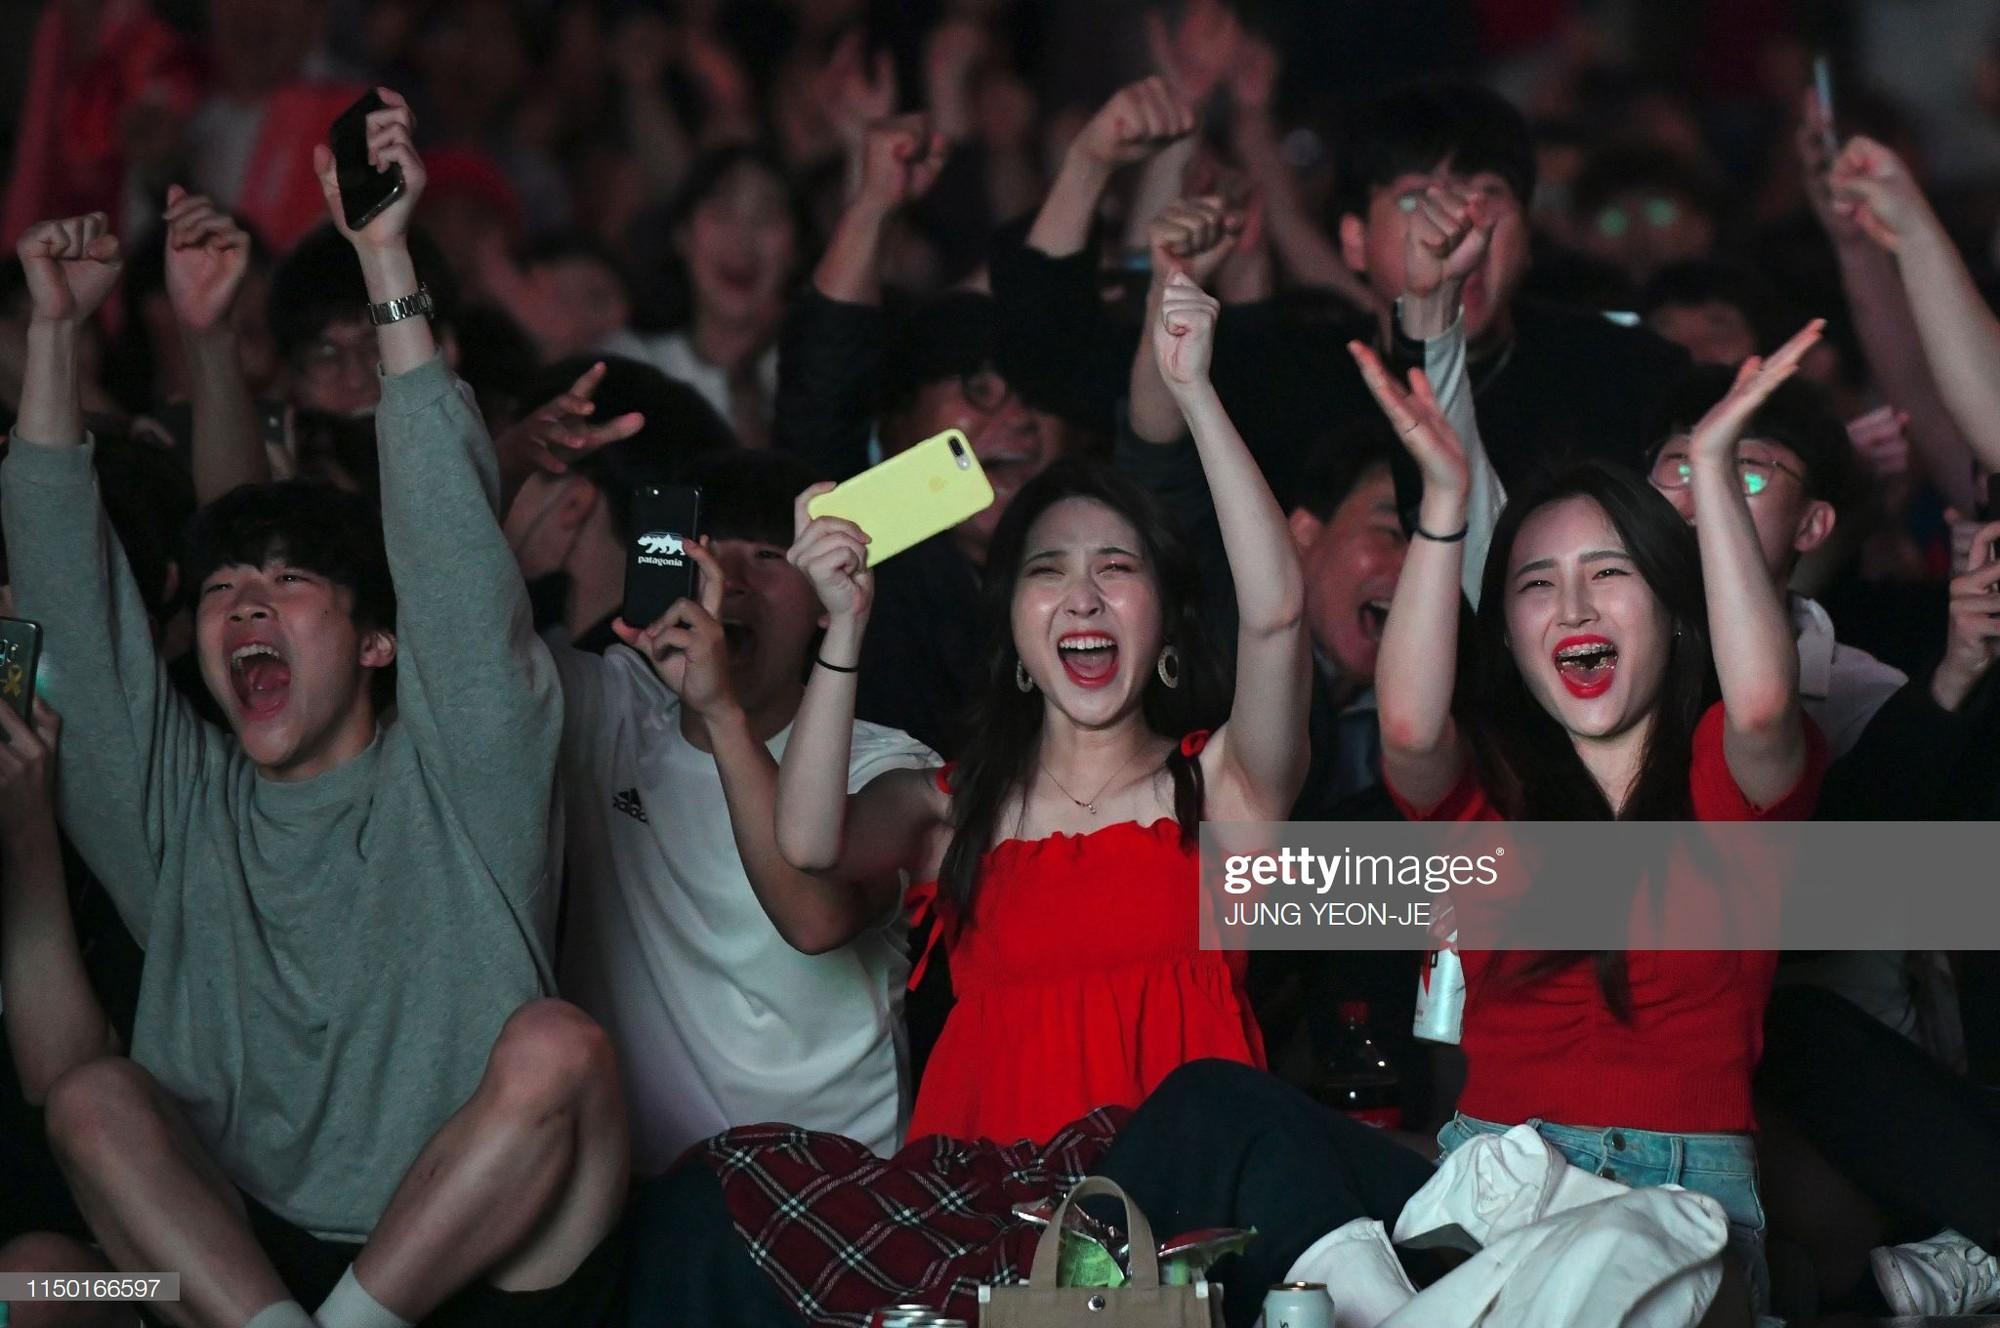 Đội bóng quê hương HLV Park Hang-seo ôm nhau khóc nấc khi thua ngược ở chung kết đấu trường World Cup - Ảnh 4.